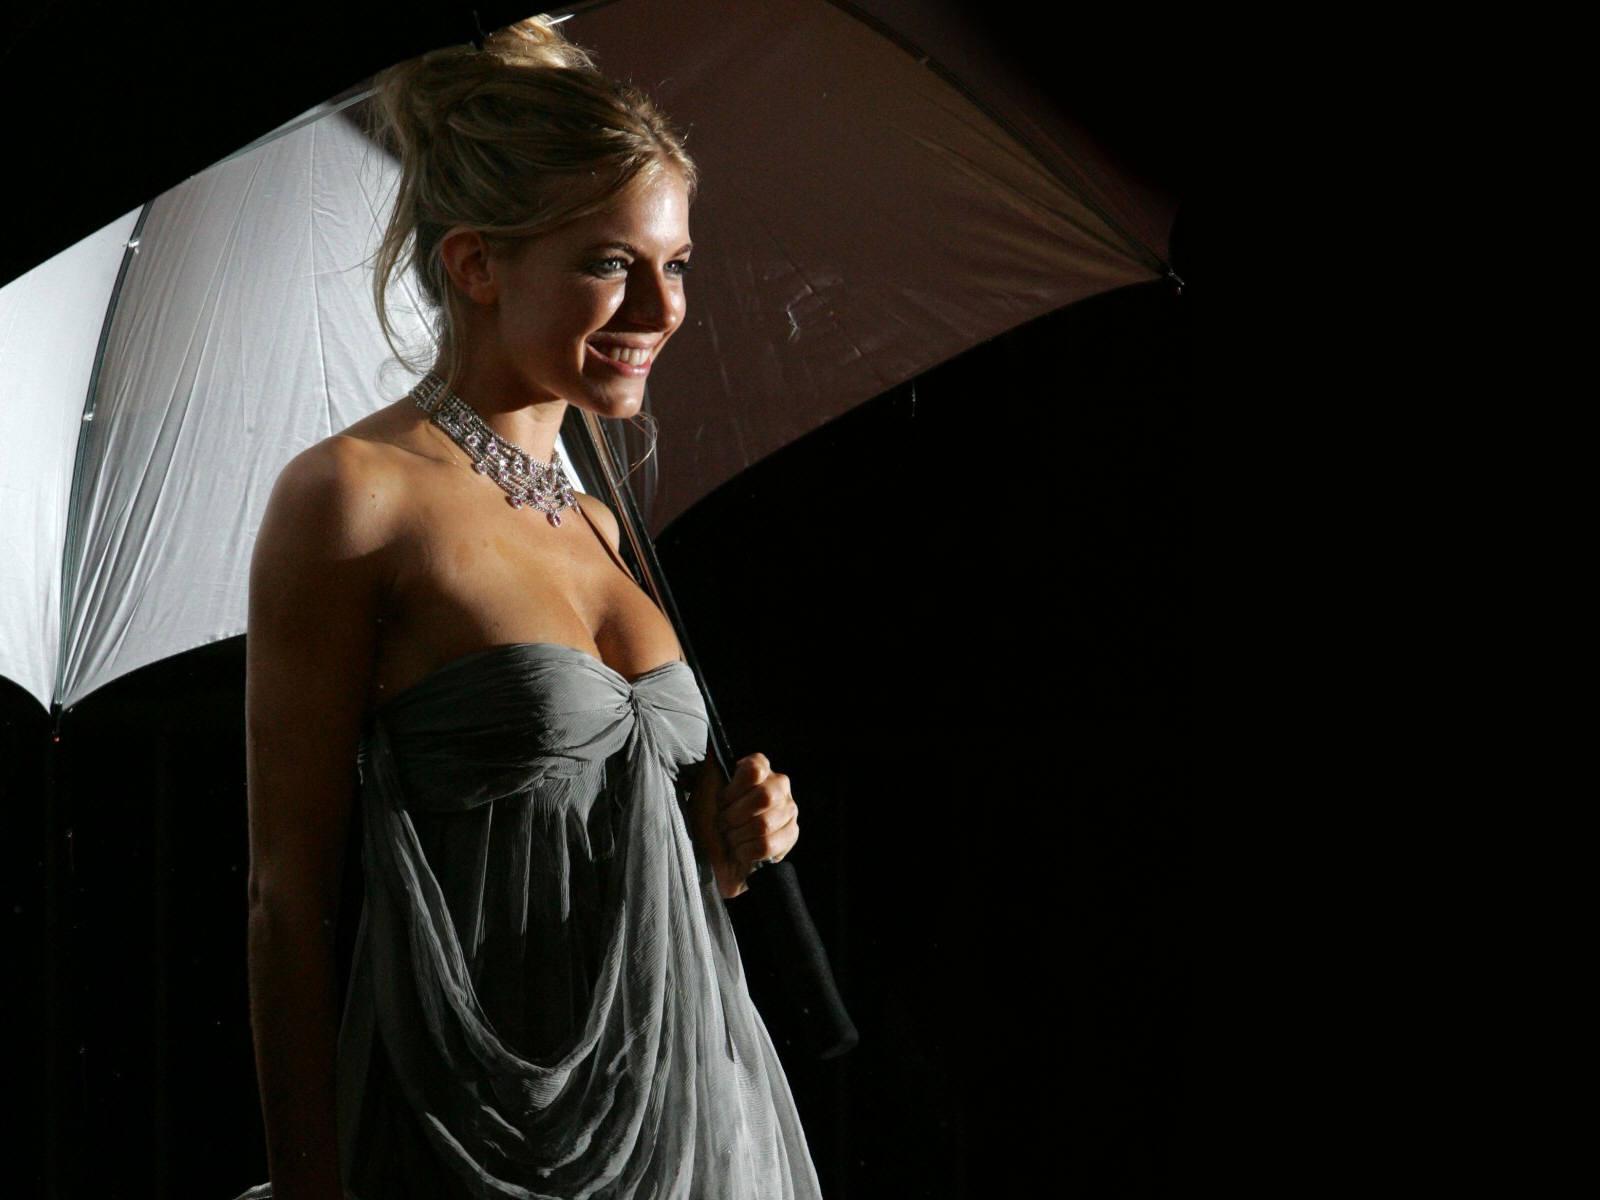 http://2.bp.blogspot.com/_Q_MQFtopsfY/SHirE8VY7fI/AAAAAAAADdc/4wZ_kv7w9zI/s1600/Fullwalls.blogspot.com_Sienna_Miller%2833%29.jpg